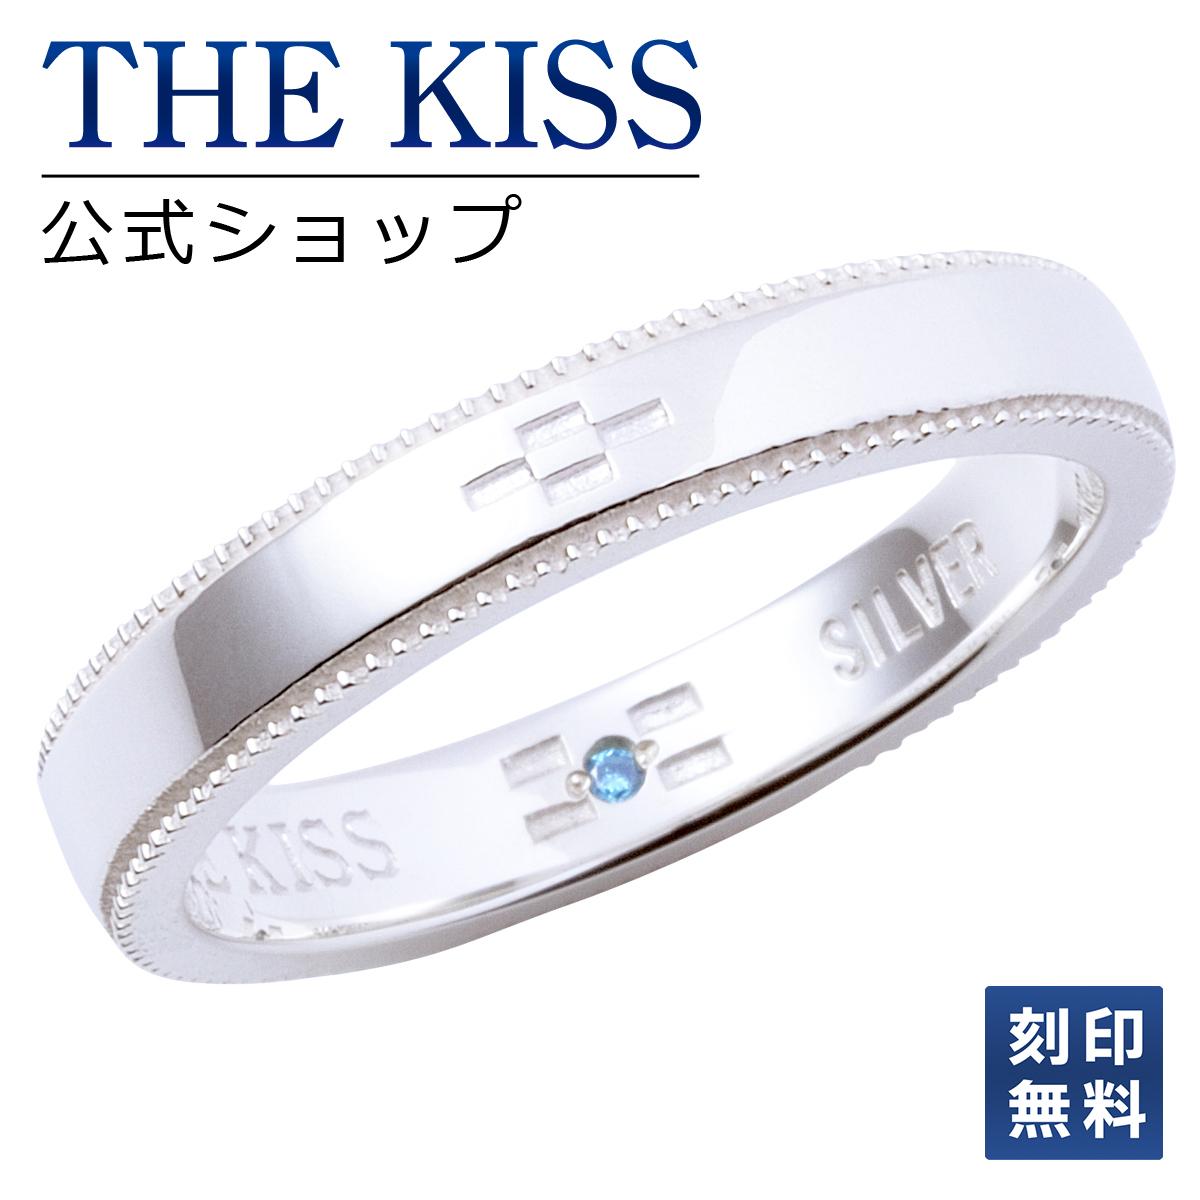 【刻印可_8文字】【あす楽対応】THE KISS 公式サイト シルバー ペアリング ( レディース 単品 ) ペアアクセサリー カップル に 人気 の ジュエリーブランド THEKISS ペア リング・指輪 記念日 プレゼント SR2438BDM ザキス 【送料無料】